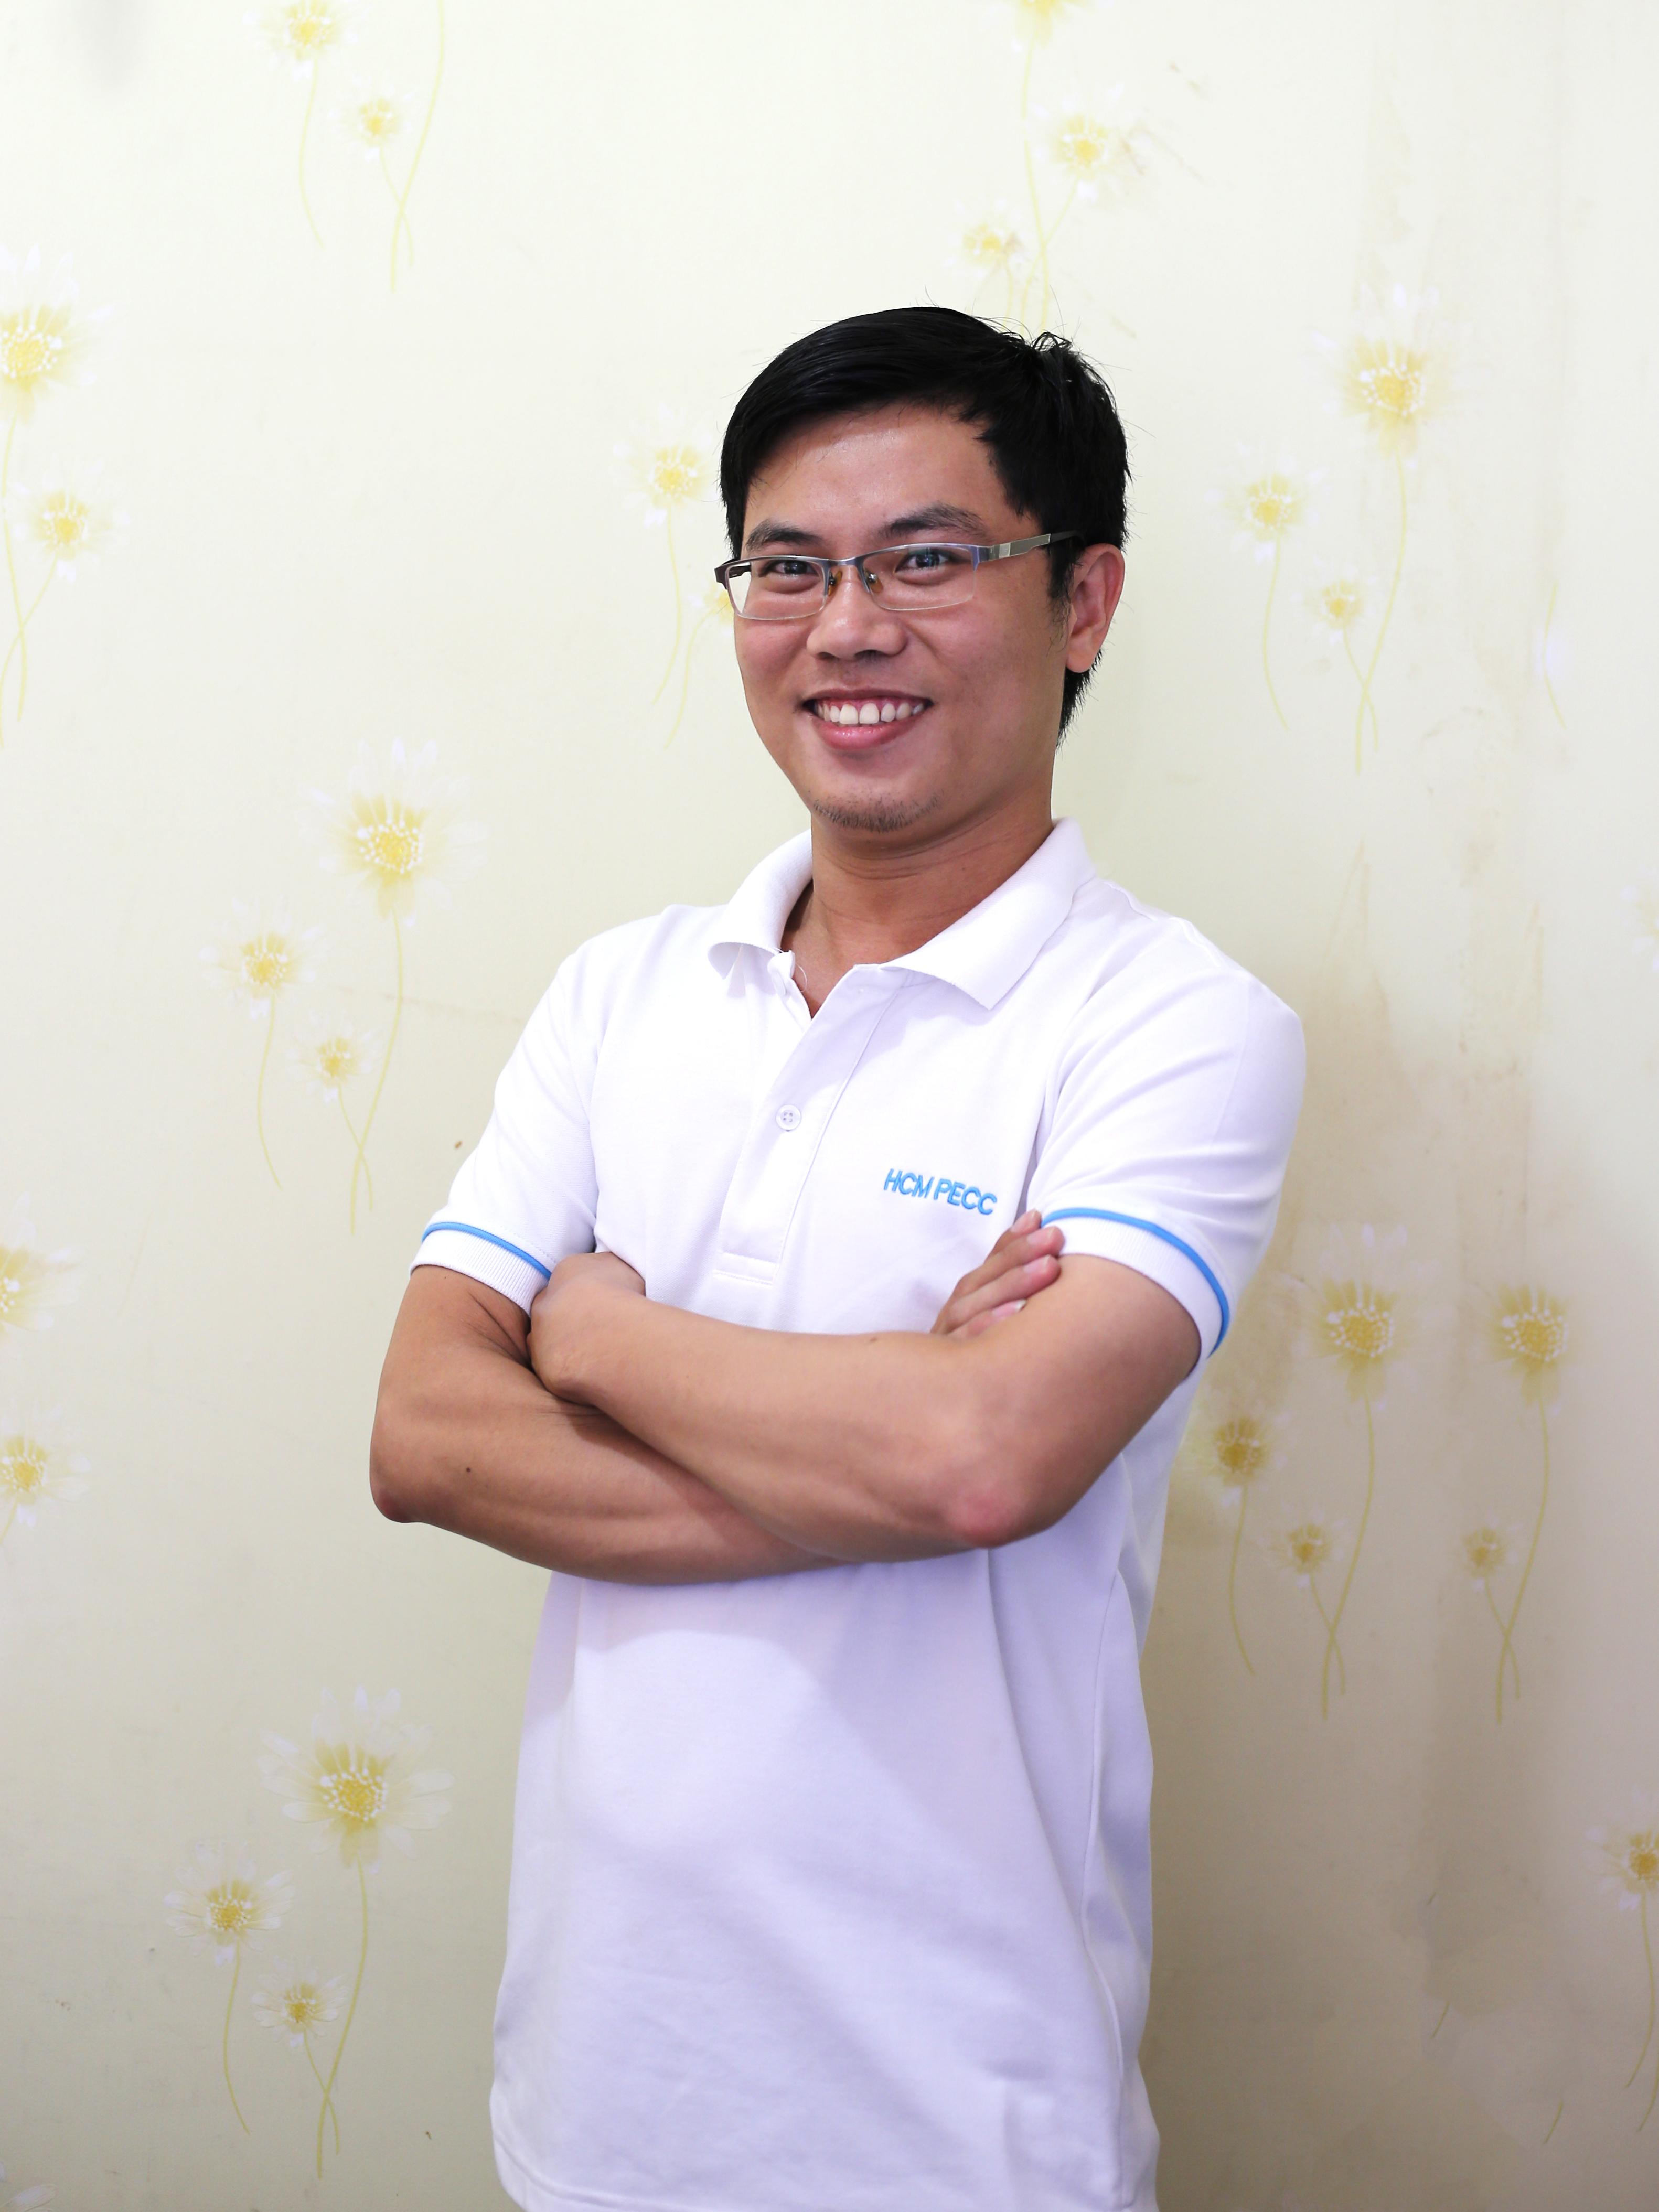 Trương Đình Quốc Huy